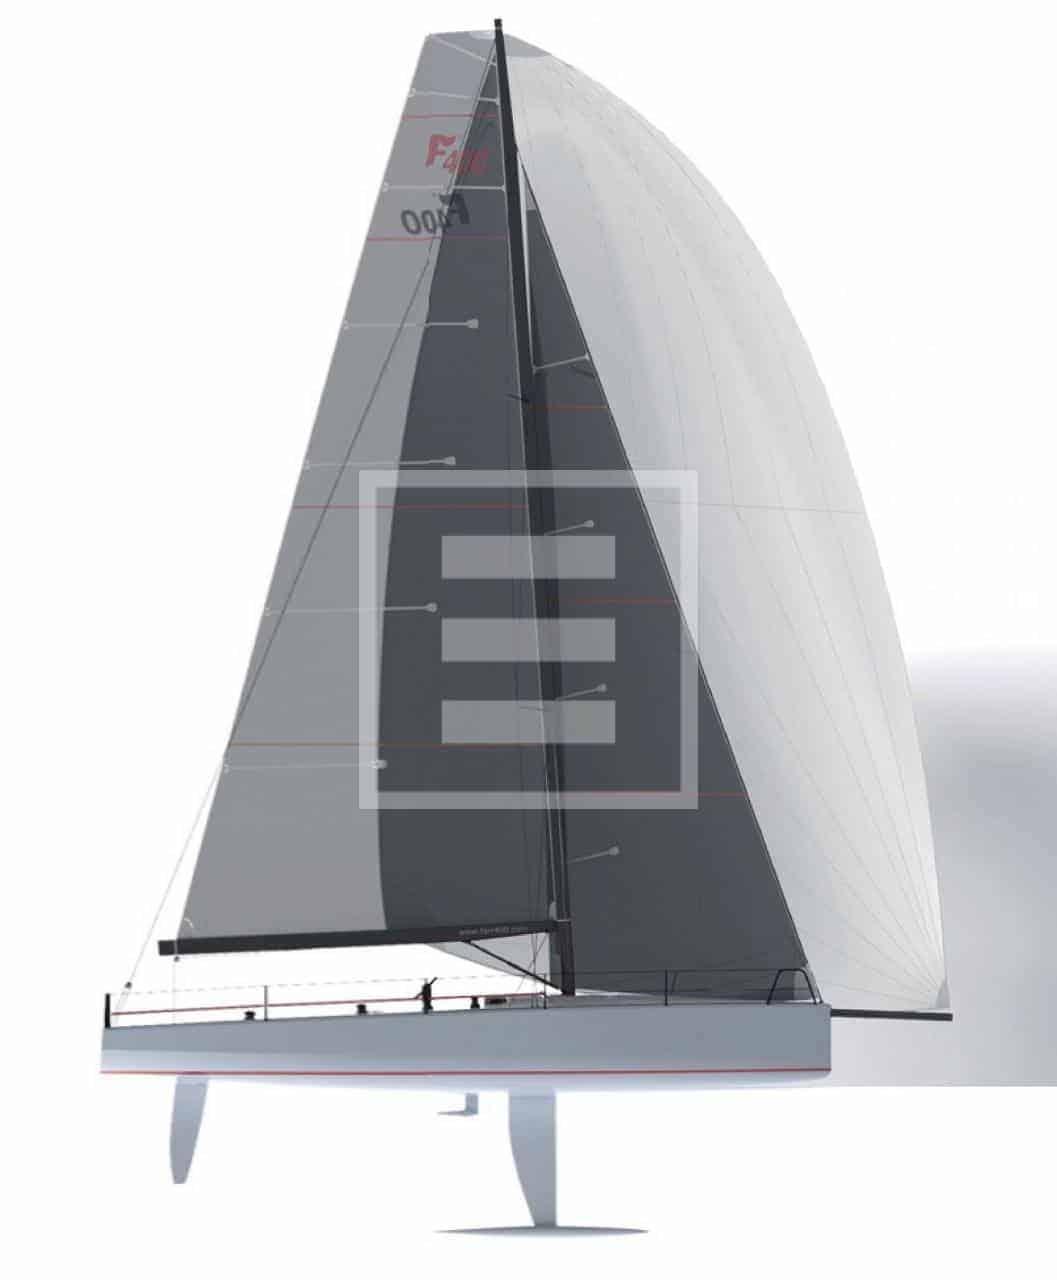 Bruce Farr si riprende le regate: ecco il nuovo Farr 400 monotipo